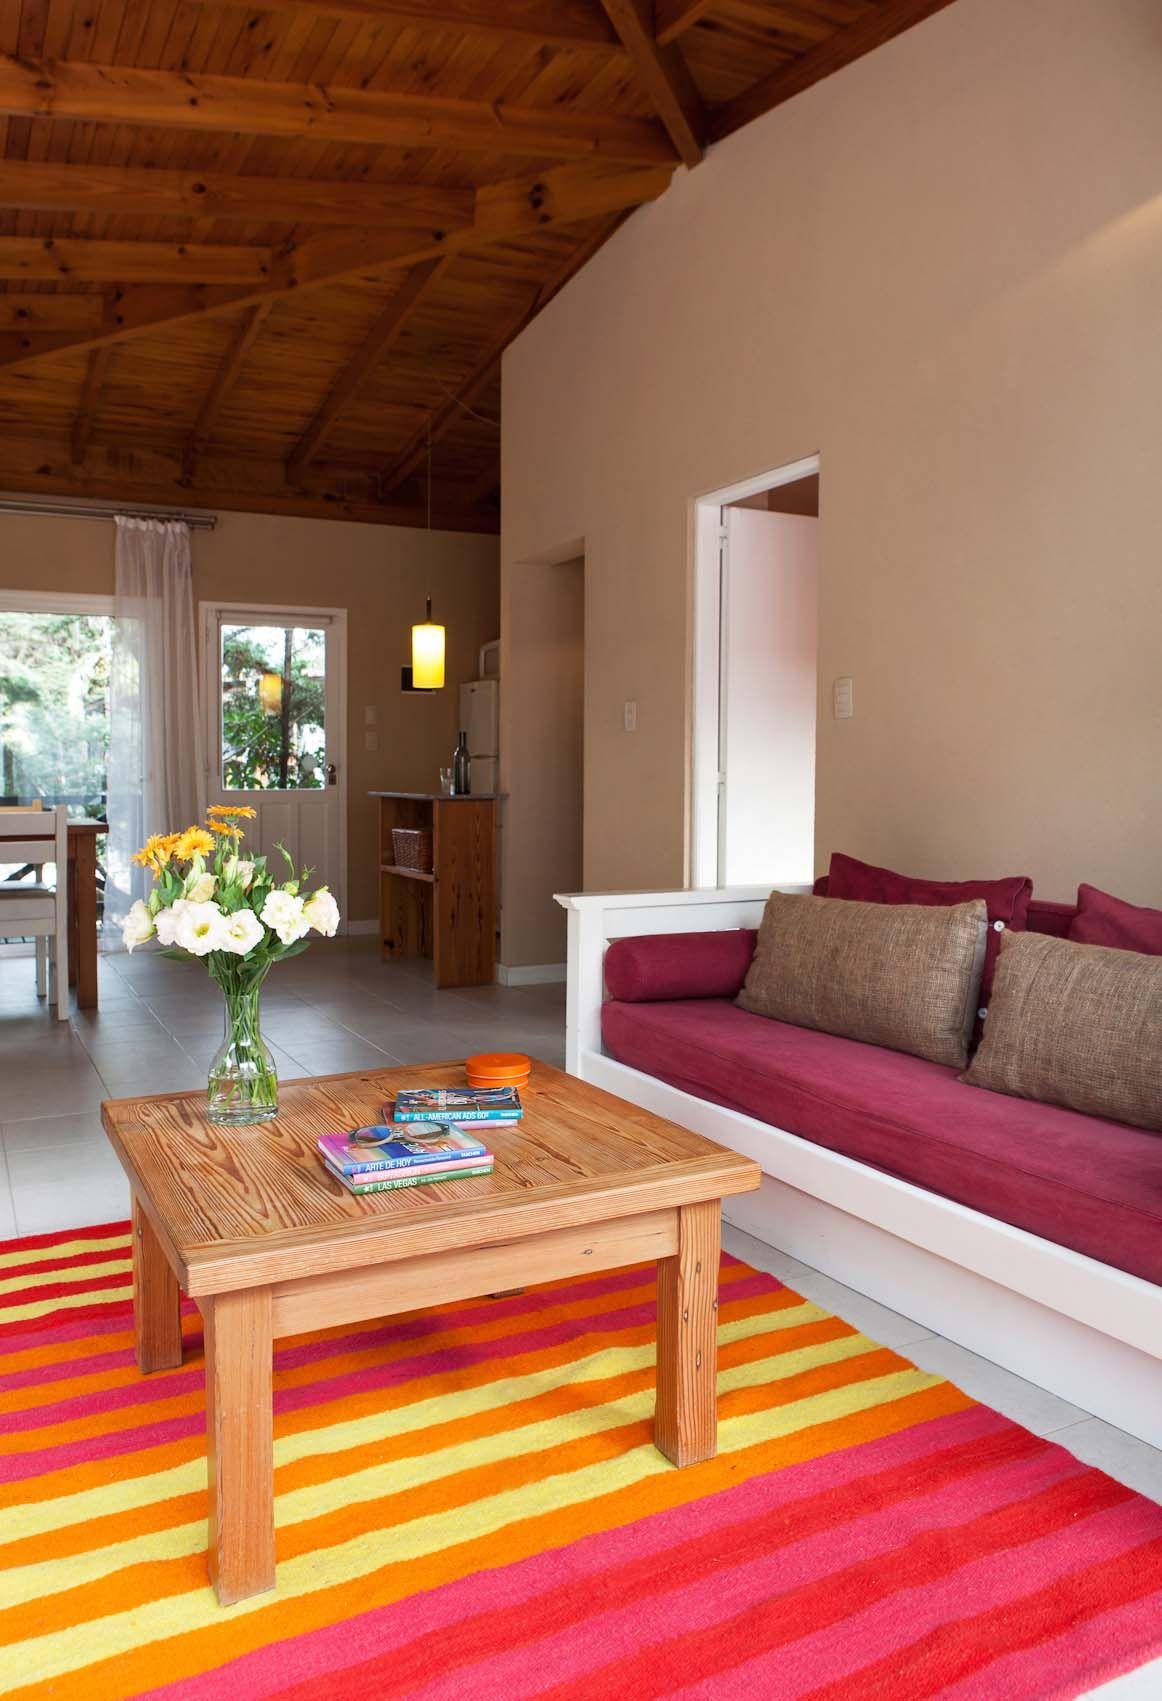 Apartamento de playa con living súper colorido e integrado con ...